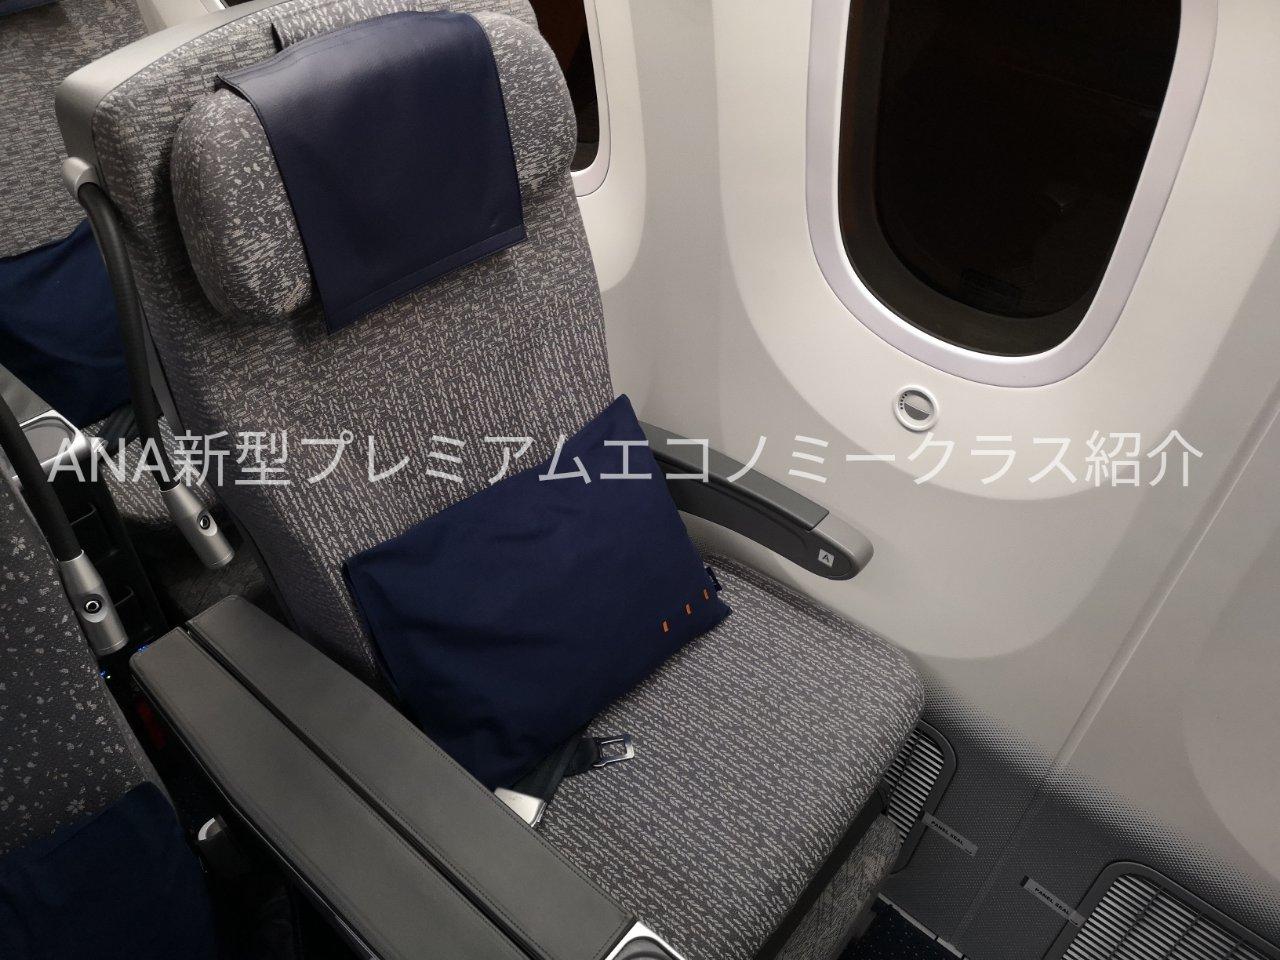 ANA新型プレミアムエコノミー紹介アイキャッチ